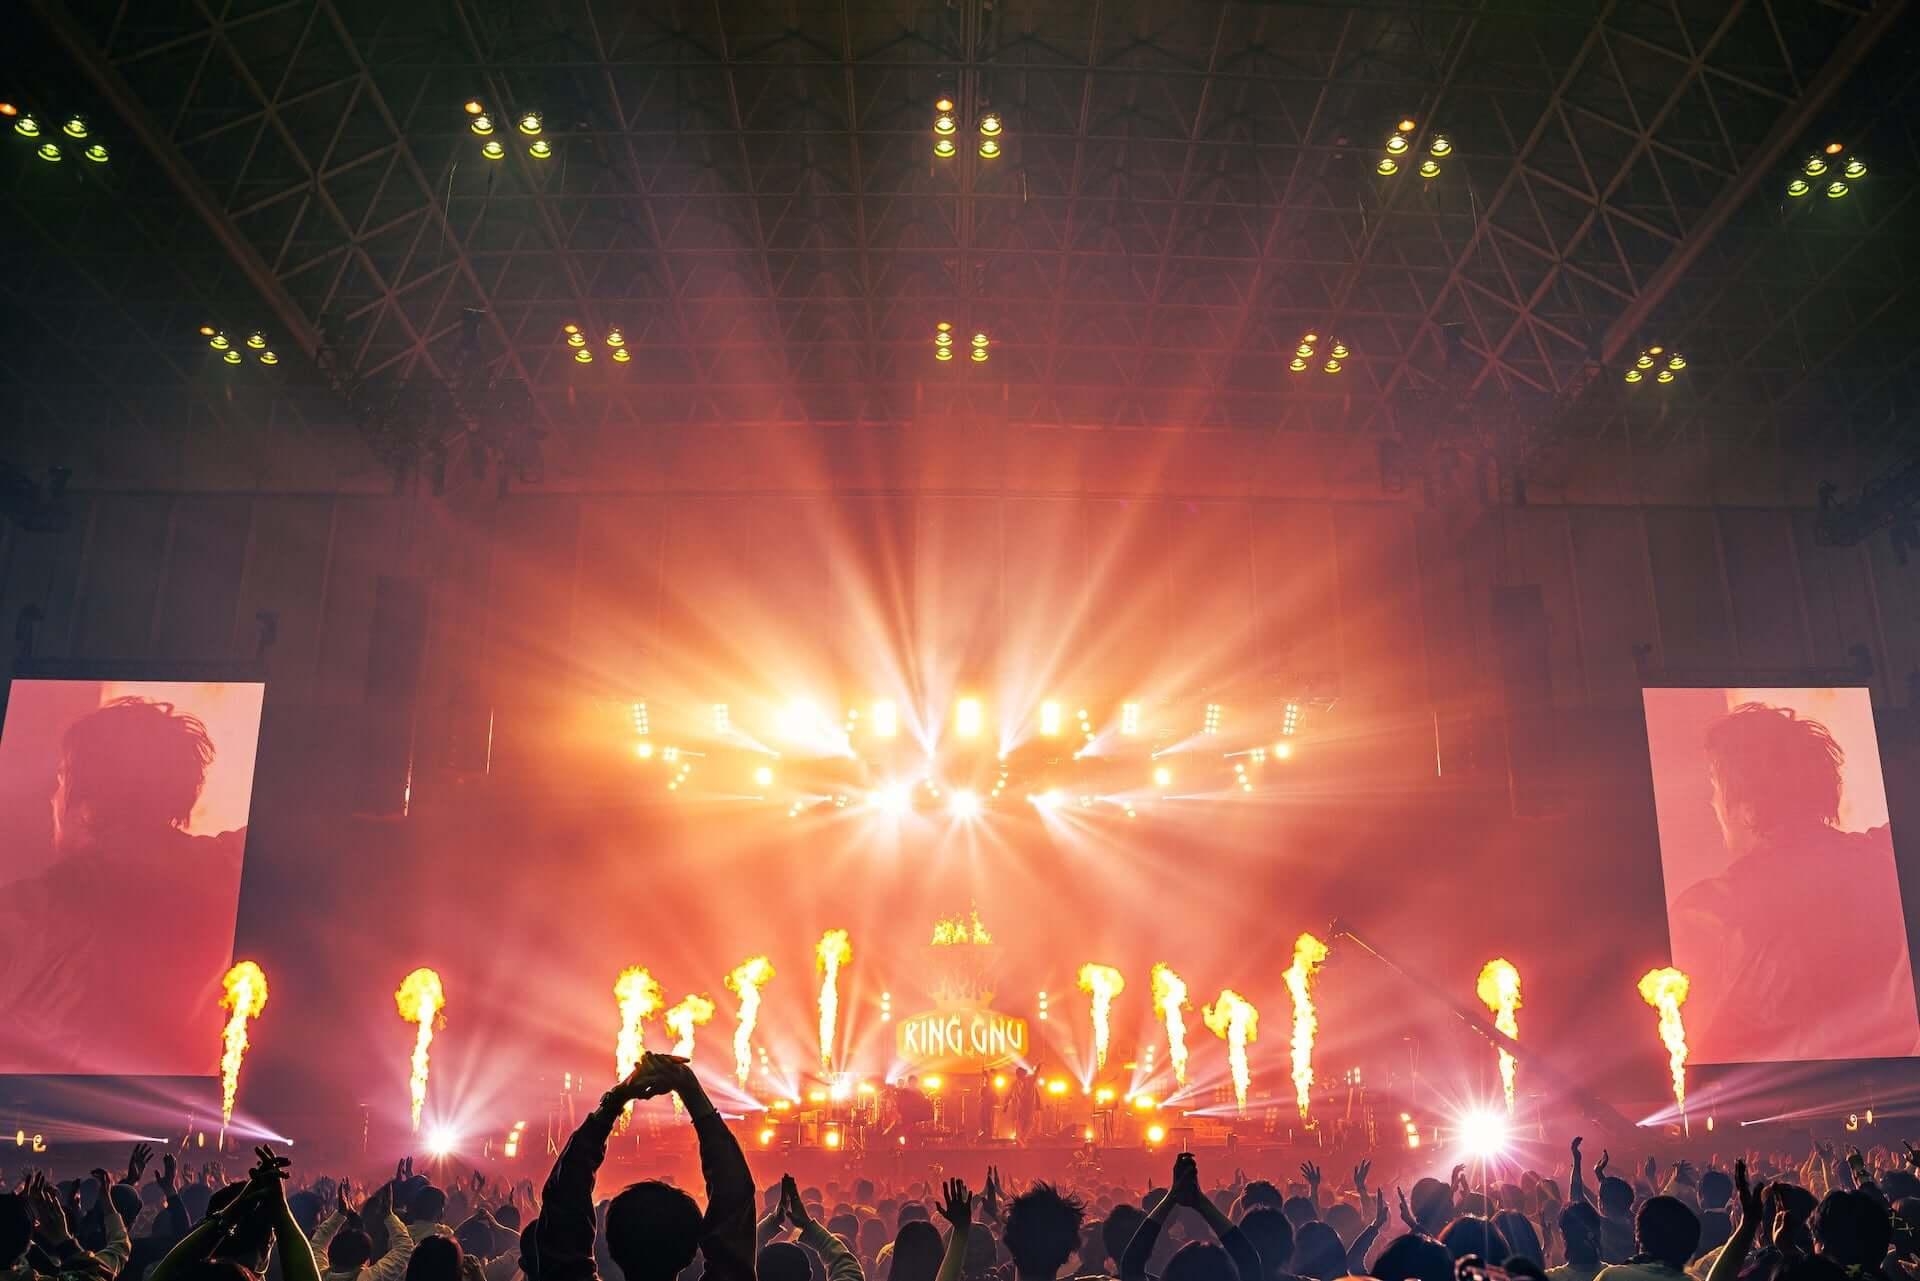 """King Gnu初のアリーナツアー、幕張メッセでは新曲""""千両役者""""も披露!ファイナル公演のライブレポートが到着 music201207_kinggnu_12-1920x1281"""